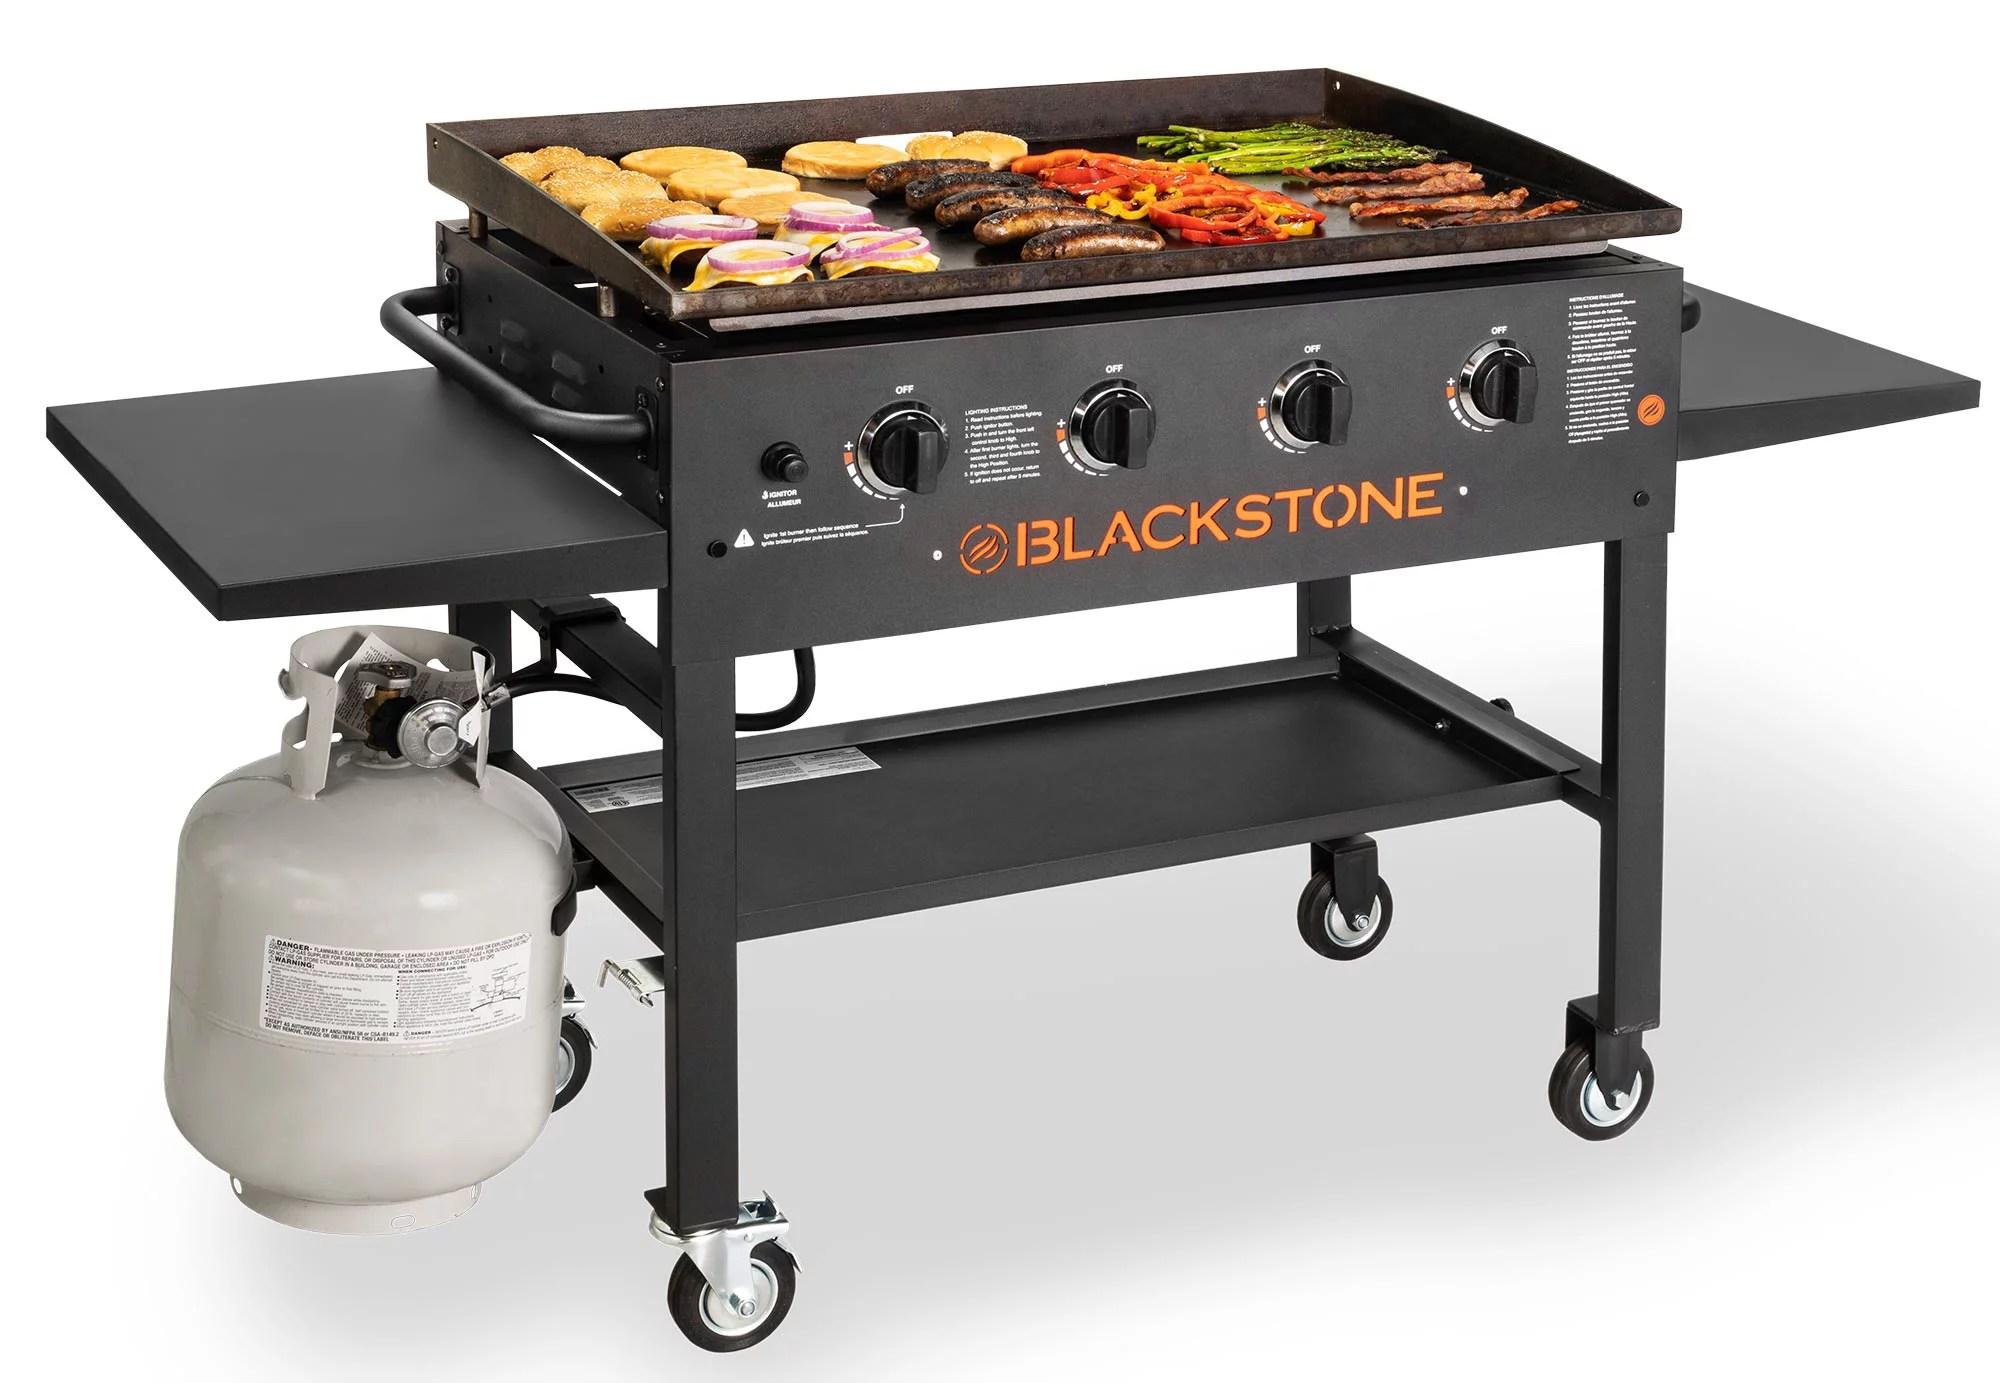 Blackstone 4-Burner 36″ Griddle Cooking Station with Side Shelves